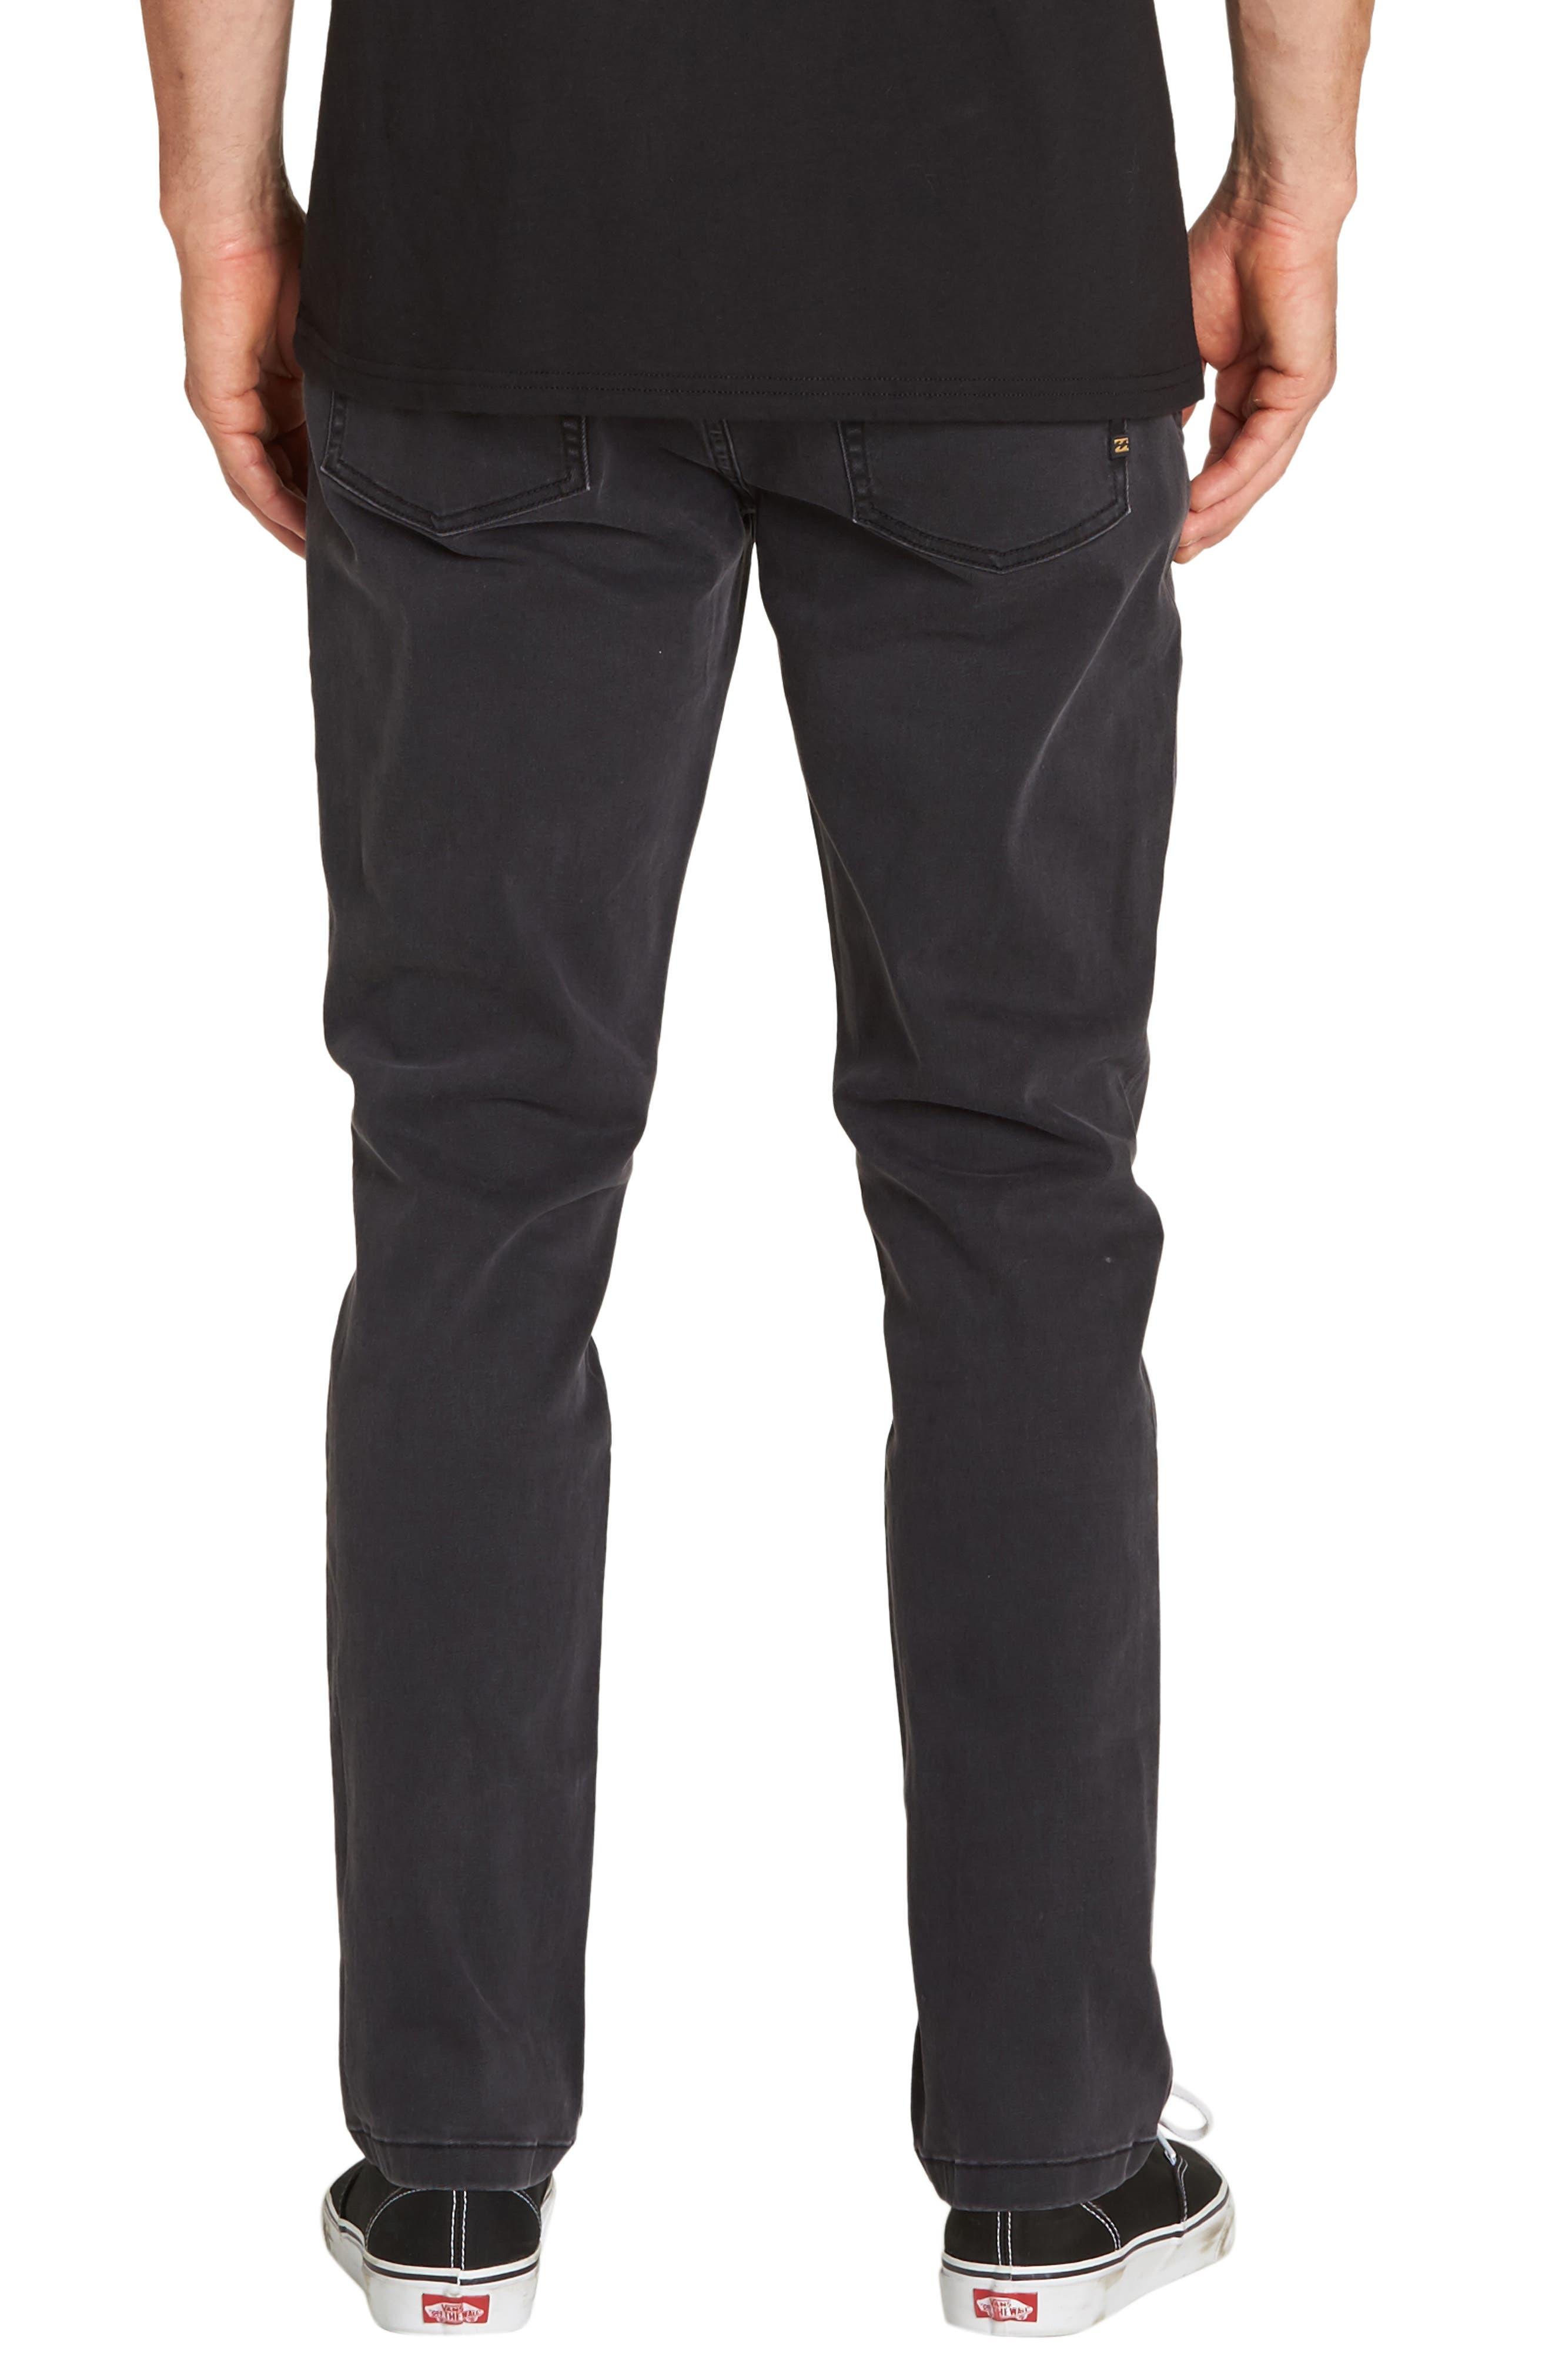 Outsider Slim Straight Jeans,                             Alternate thumbnail 2, color,                             OIL SPILL